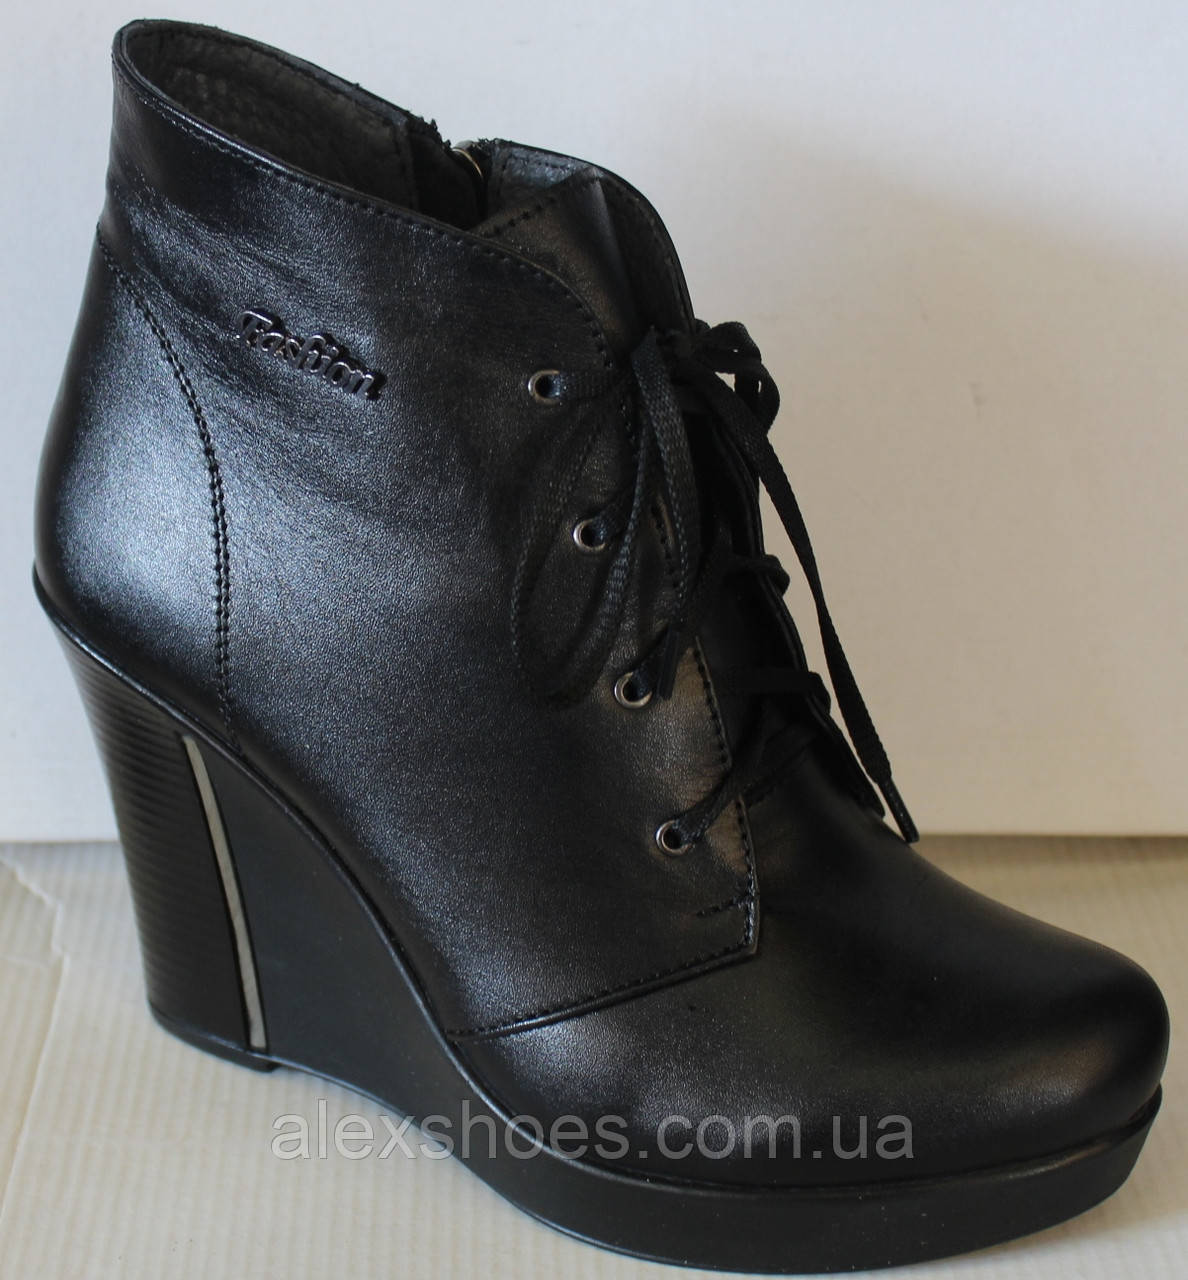 Ботинки женские демисезонные на платформе из натуральной кожи черного цвета от производителя модель ЛЕ100